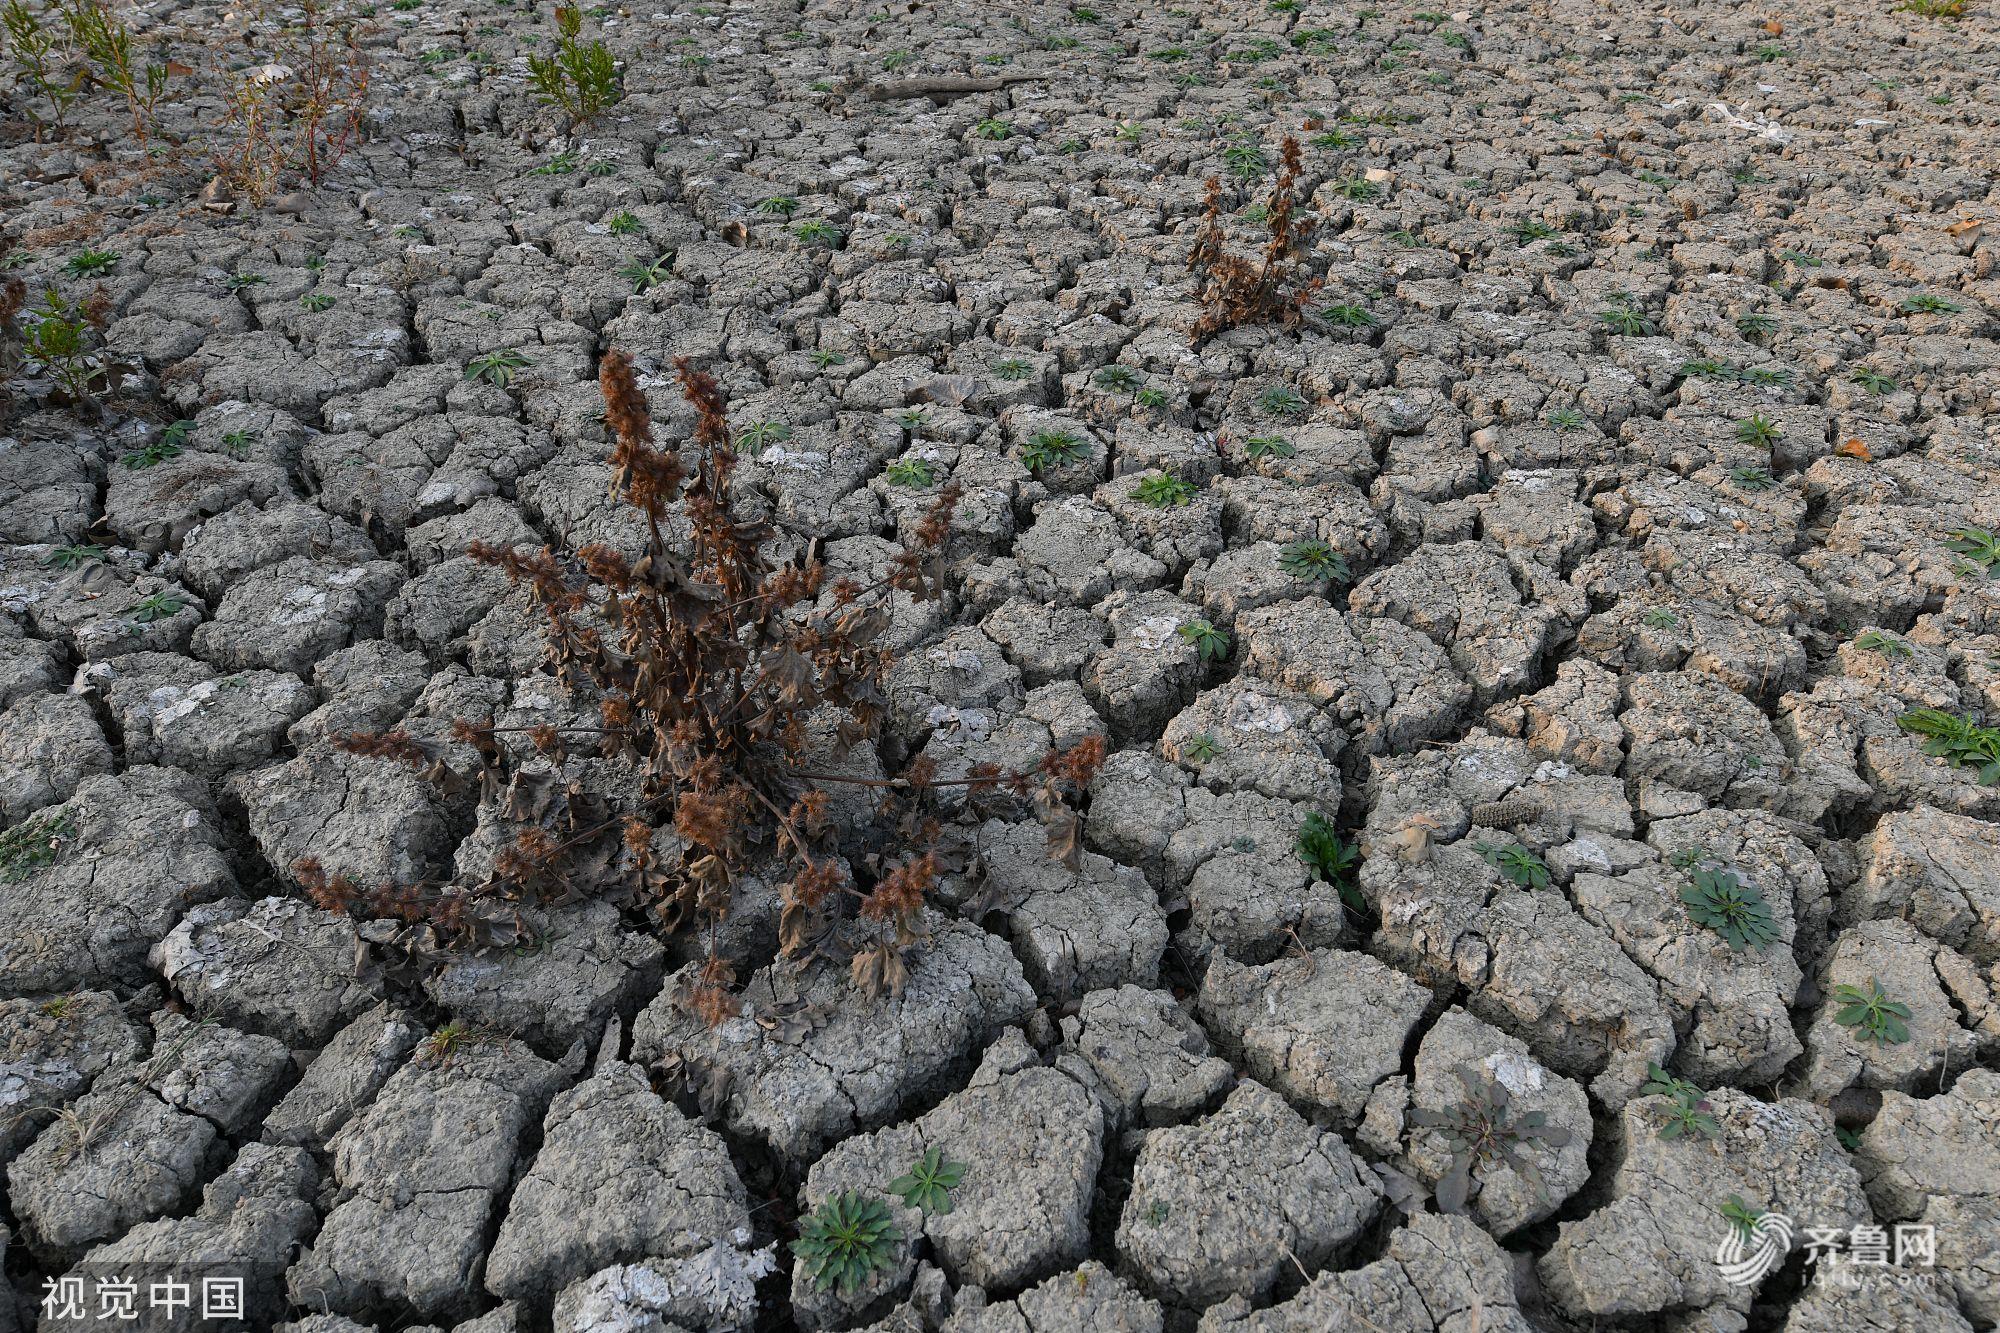 安徽伏秋旱已升级为近40年来最严重